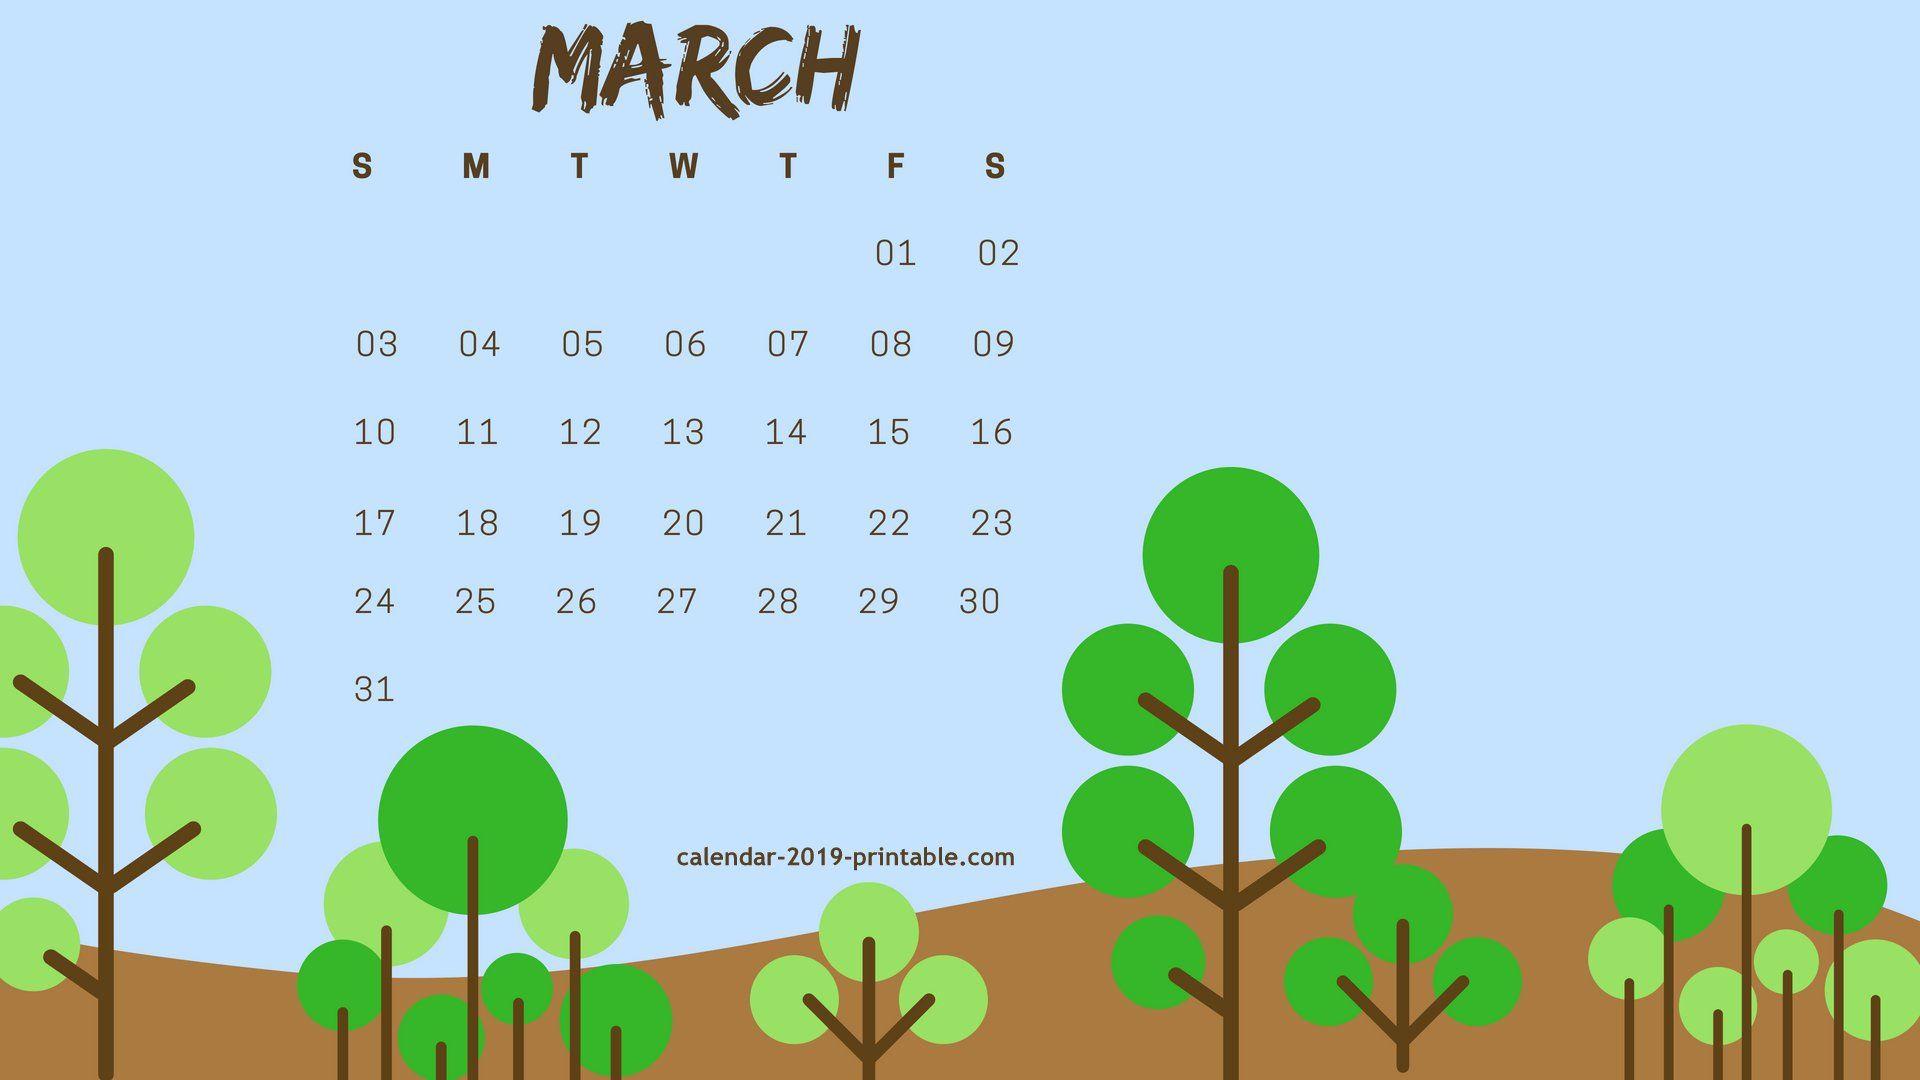 march 2019 hd wallpaper calendar Calendar 2019 Wallpapers 1920x1080